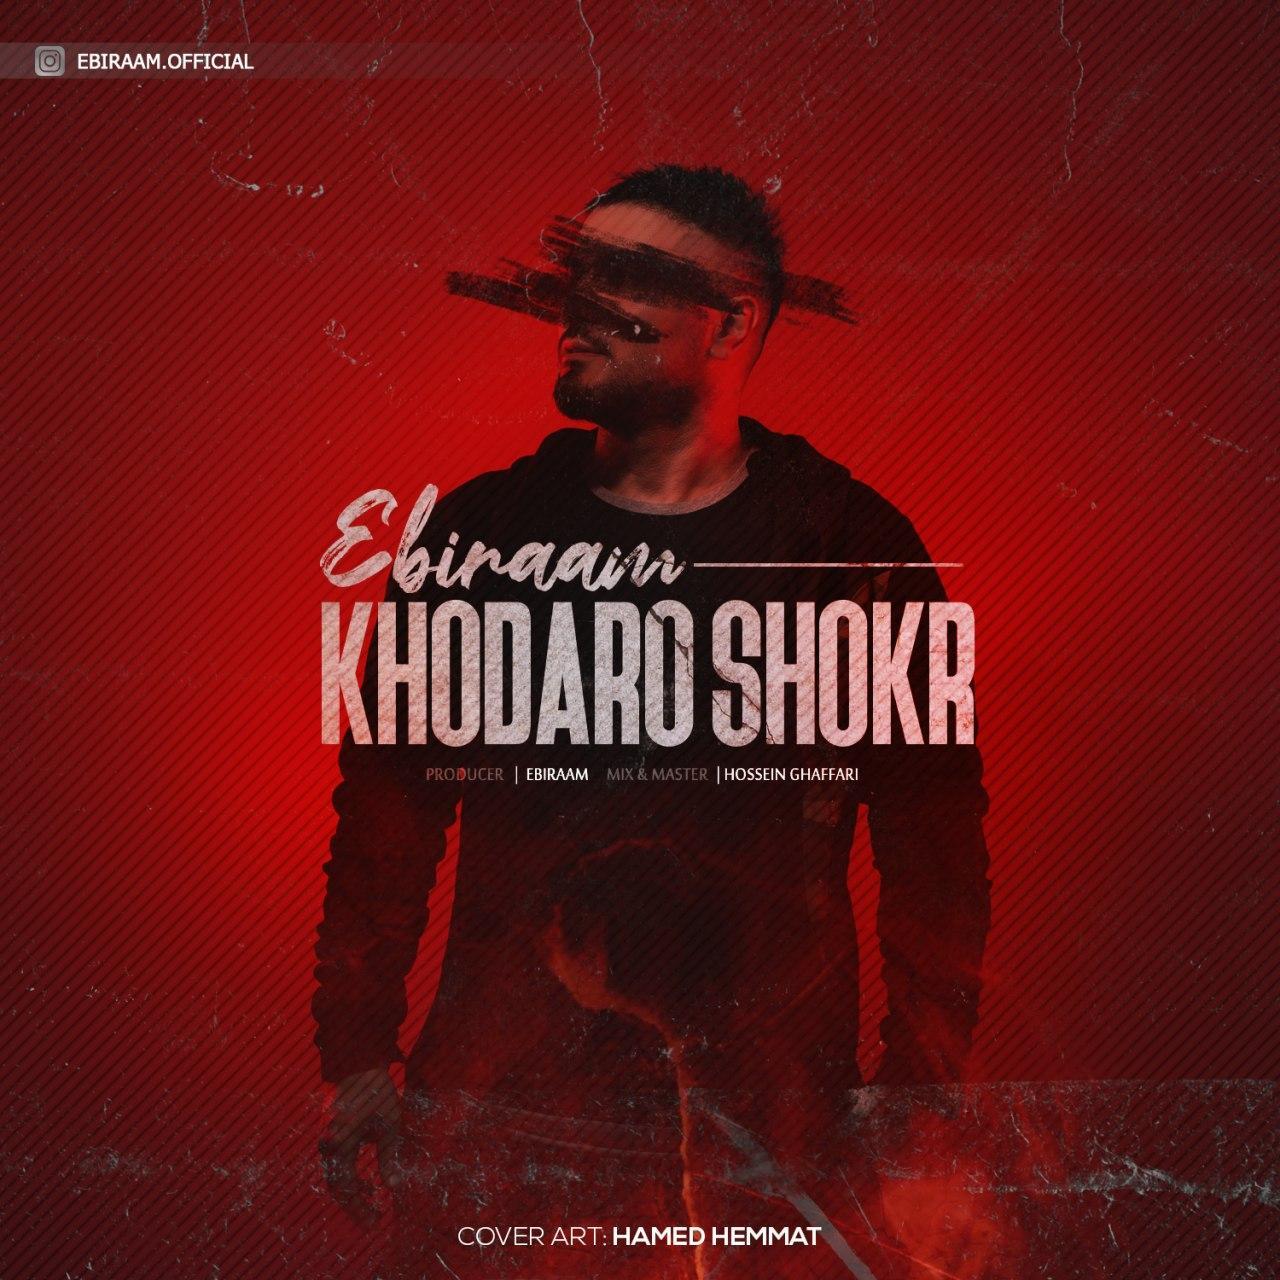 Ebiraam – Khodaro Shokr